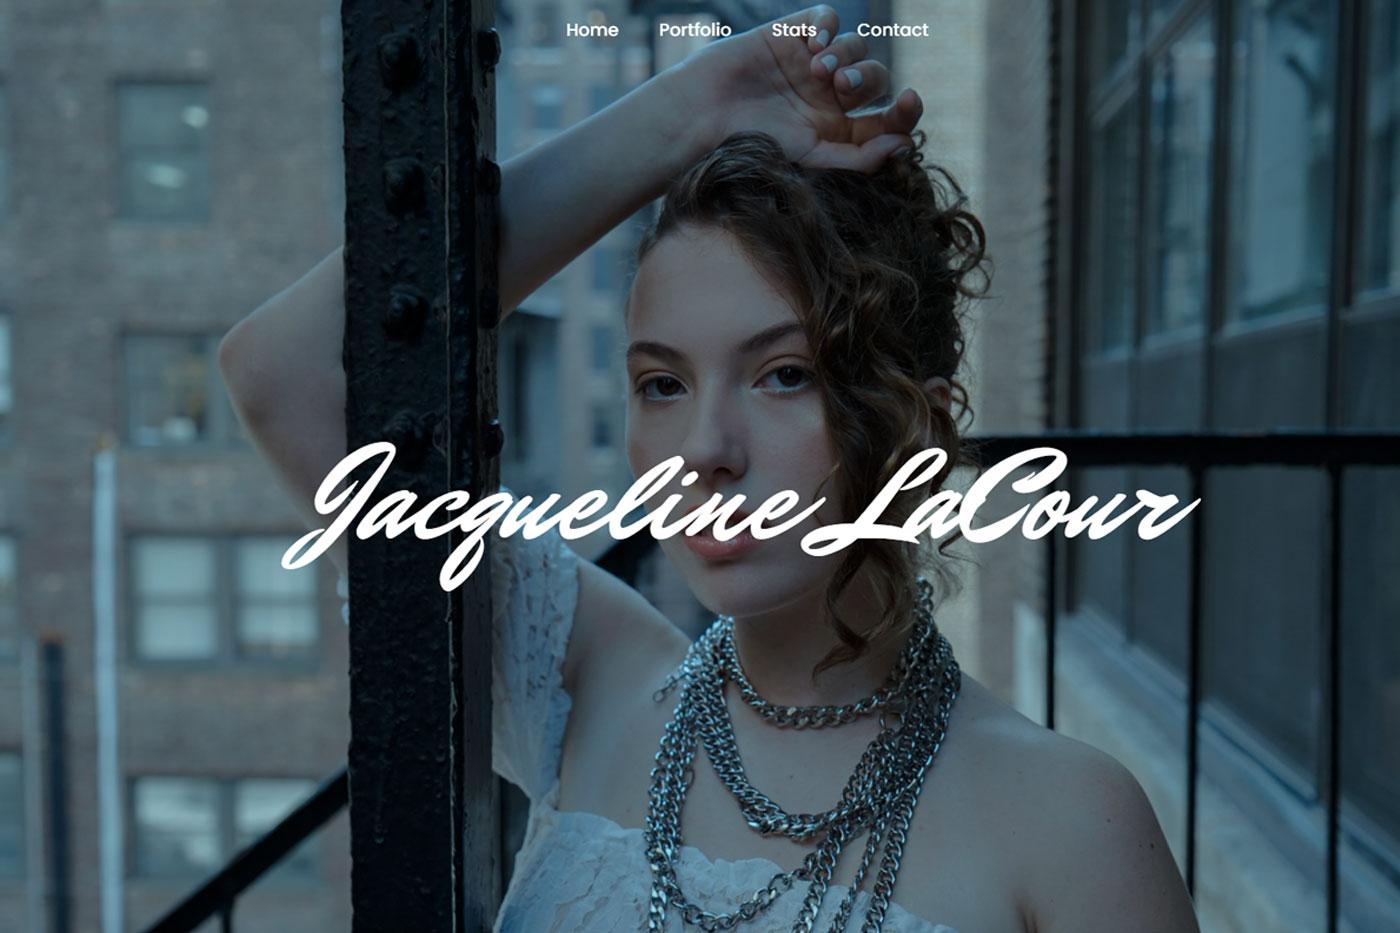 JACQUELINE LACOUR